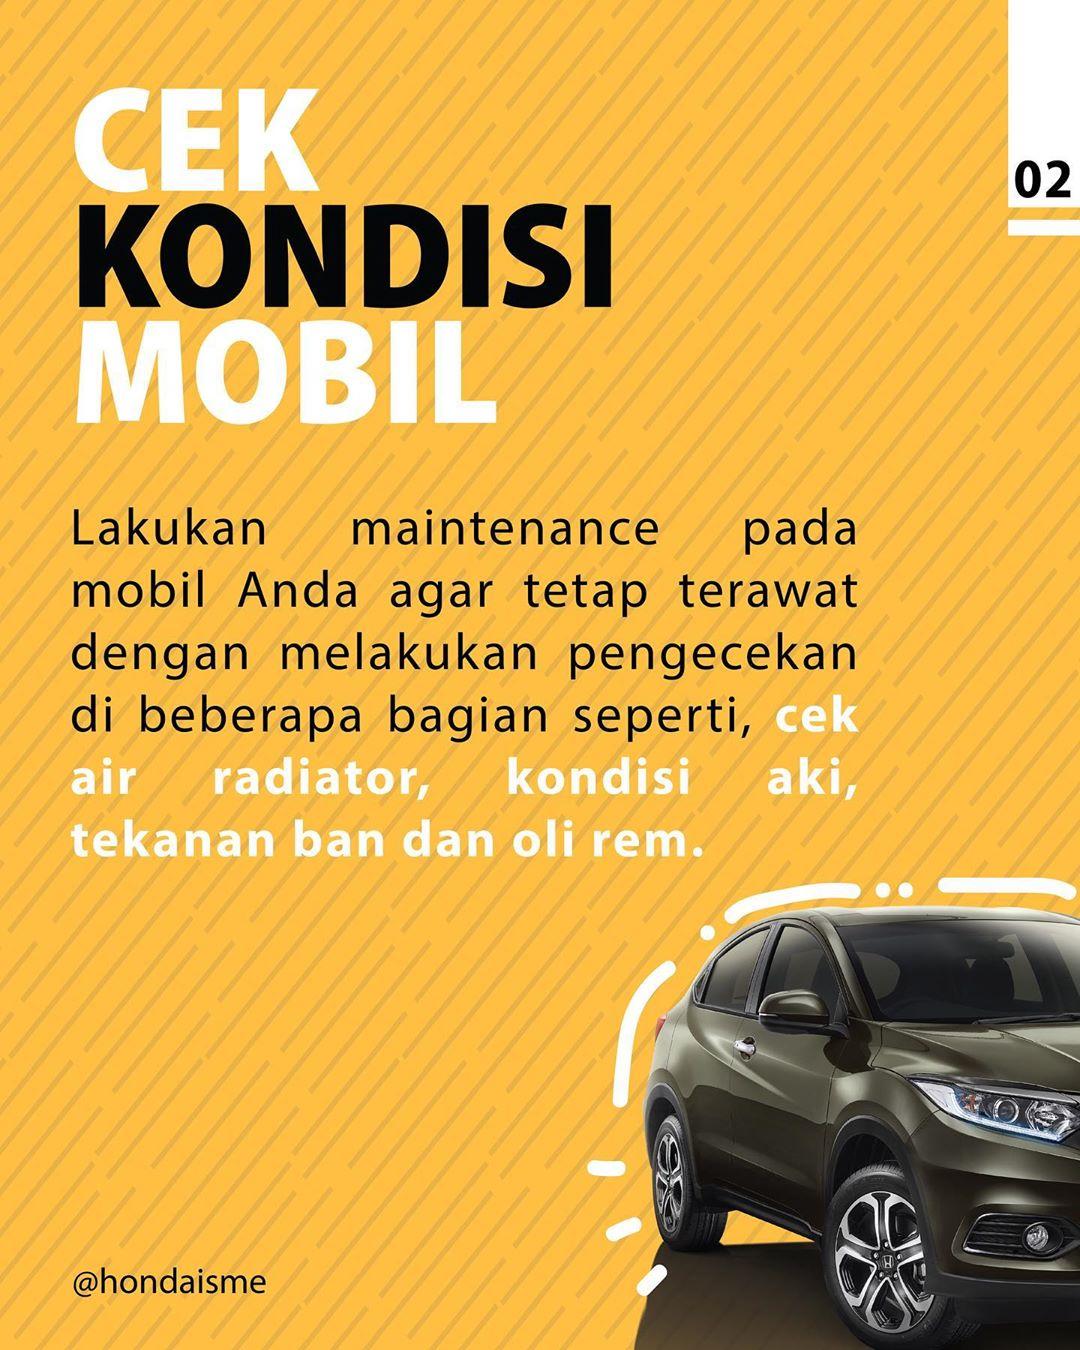 Promo Hondaisme 3